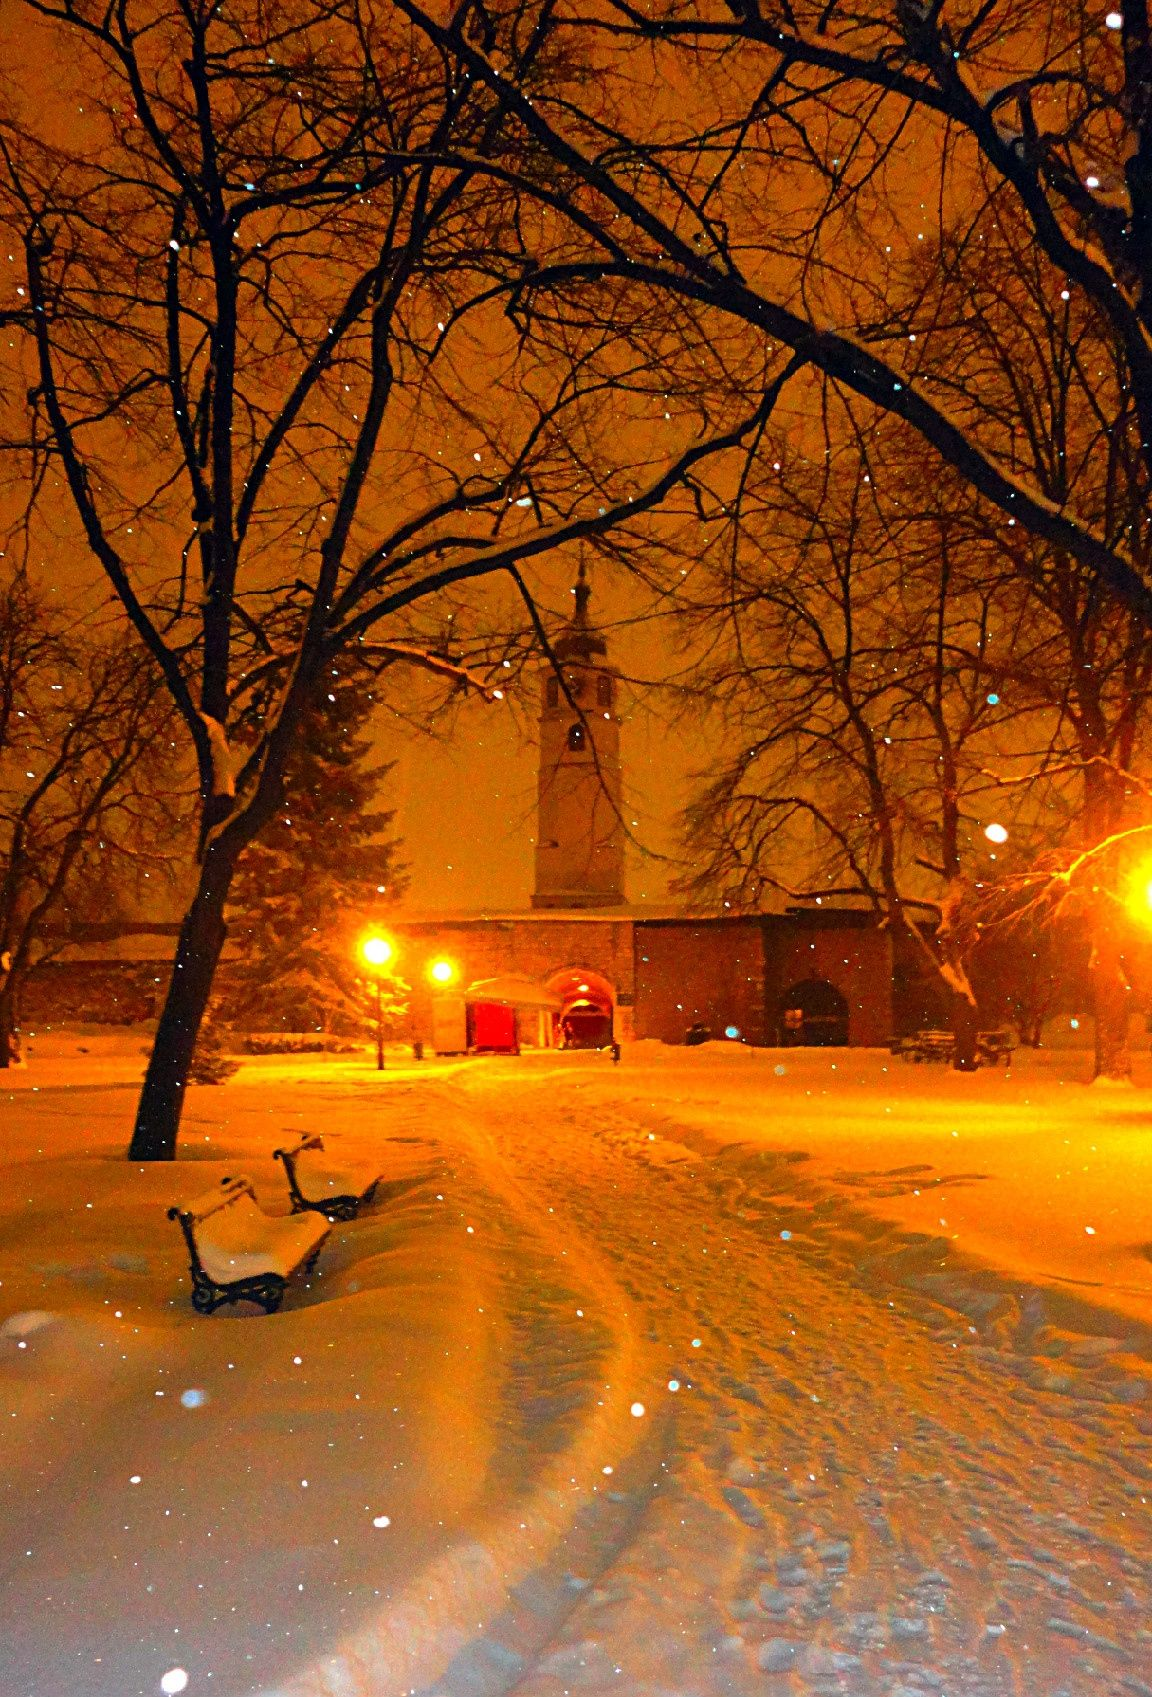 Belgrade winter dream by Flavio Obradovic